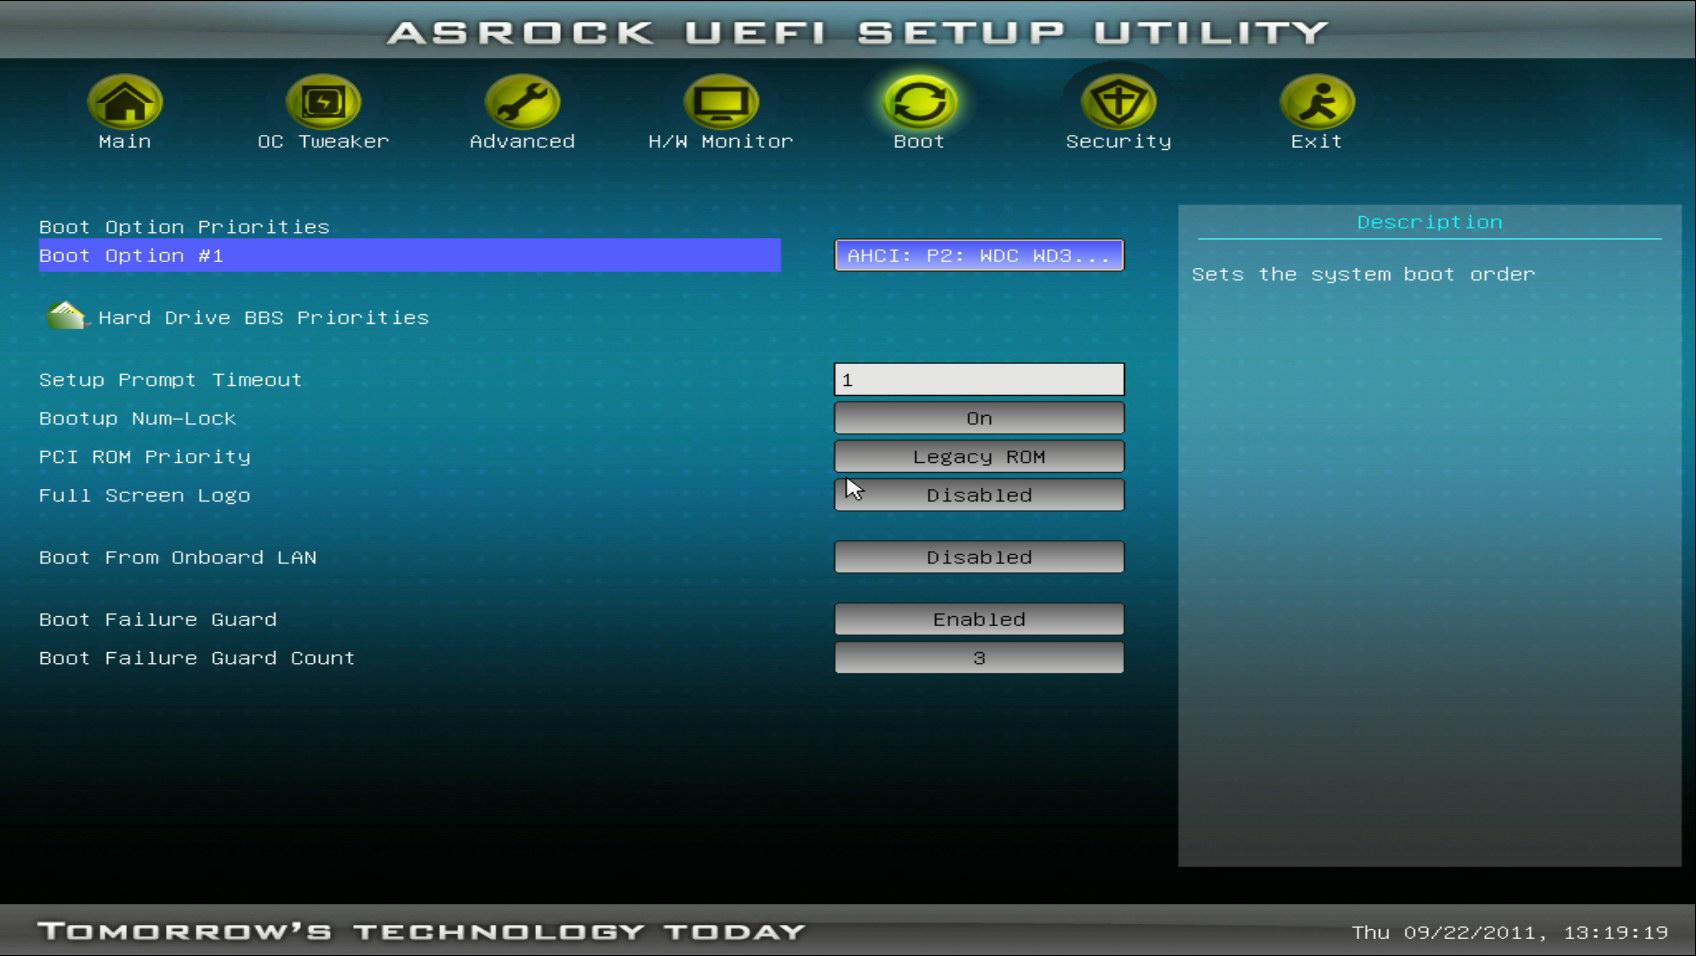 V-podrazdele-Boot-Option-1-ustanavlivaetsya-pervoe-ustrojstvo-zagruzki.jpg